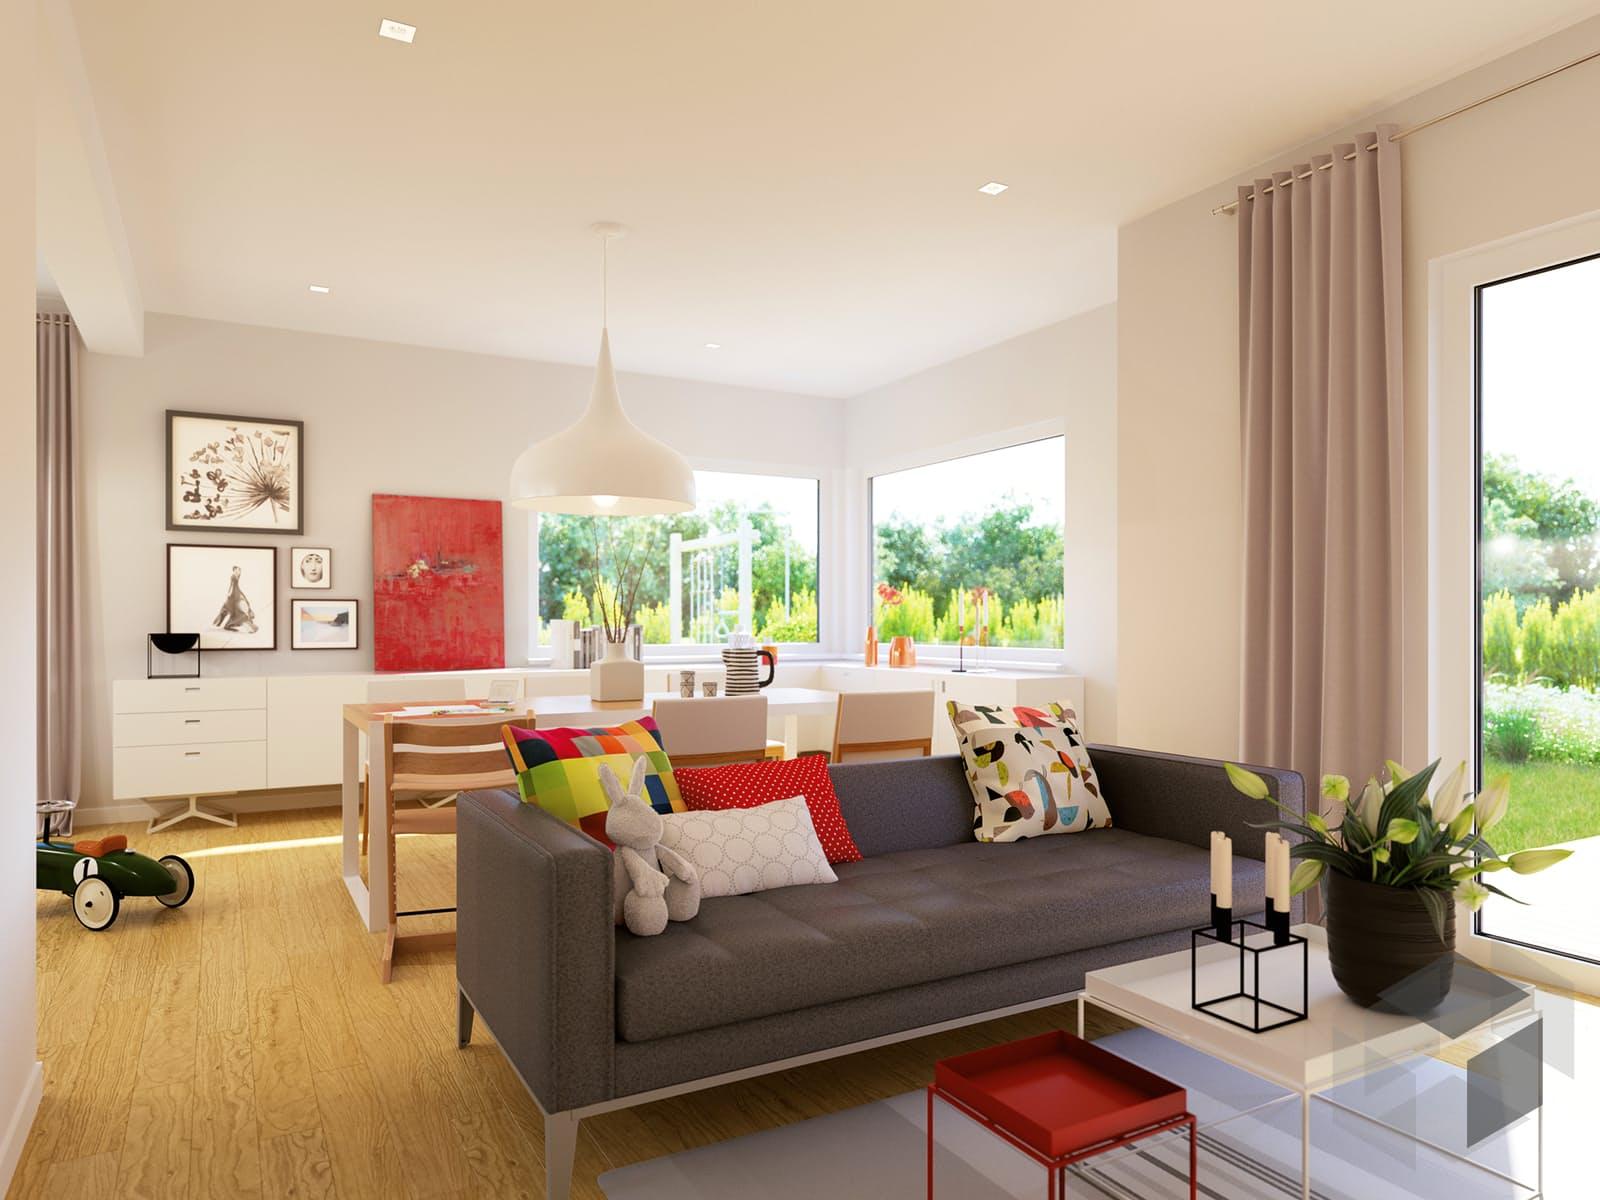 solution 100 v3 von living haus. Black Bedroom Furniture Sets. Home Design Ideas